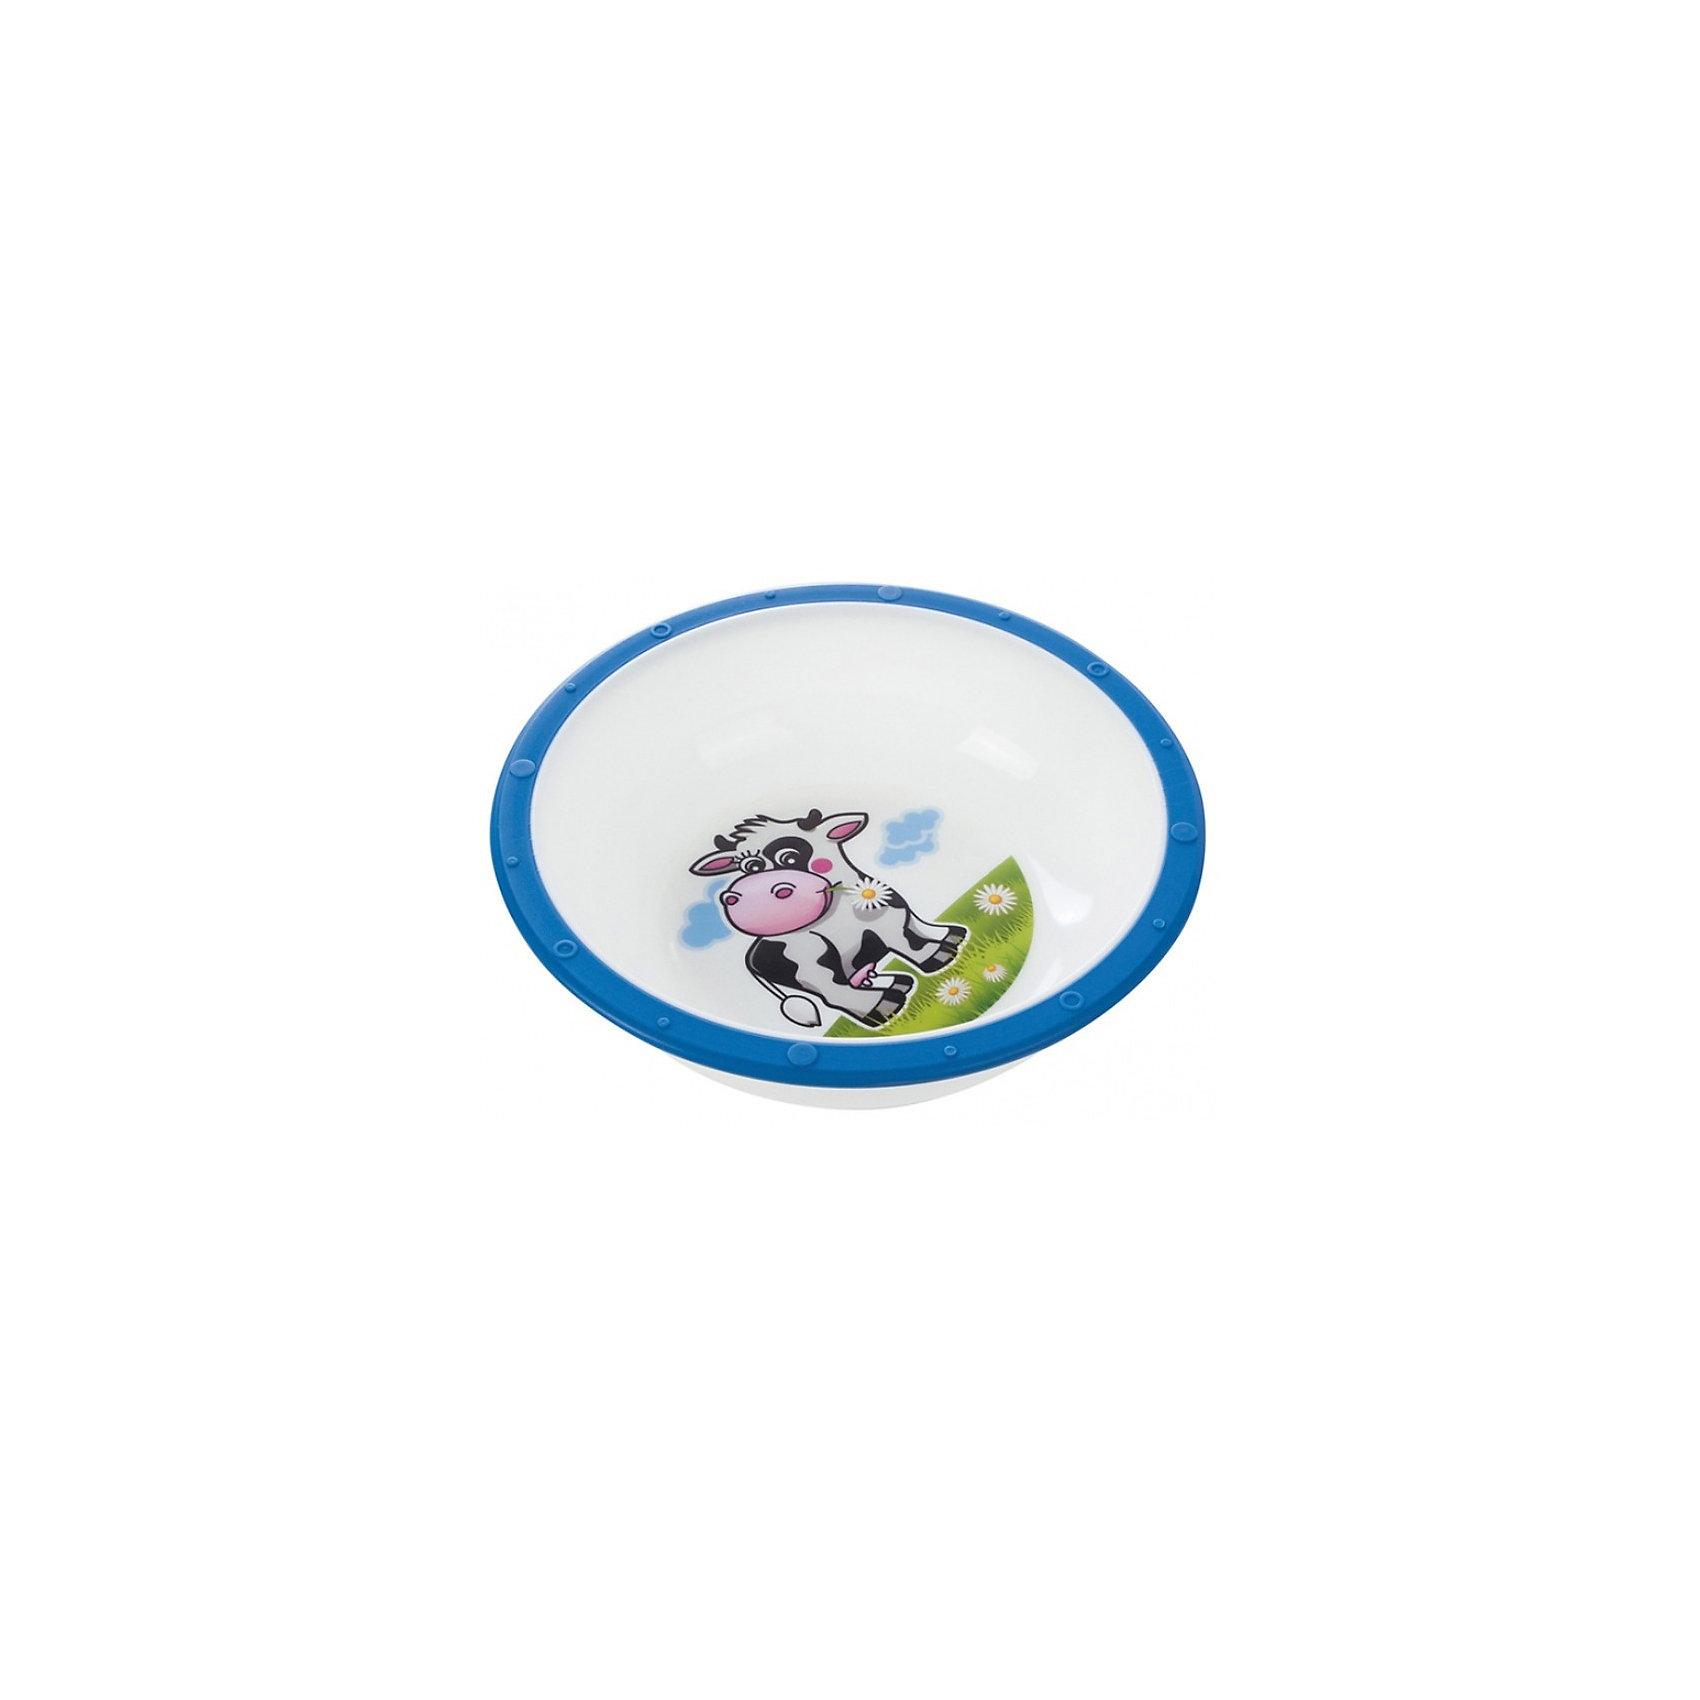 Тарелка Коровка, 270 мл., Canpol Babies, синийТарелки<br>Тарелка Canpol Babies с яркими забавными рисунками станет любимой посудой Вашего ребенка. Тарелка имеет удобную эргономичную форму и безопасные закругленные края. Антискользящее дно с присоской защищает тарелку от скольжения и опрокидывания. <br>Яркая привлекательная посуда с симпатичными персонажами поможет ребенку быстрее освоить навыки самостоятельного питания. Тарелку можно использовать в микроволновой печи и посудомоечной машине.<br>Дополнительная информация:<br>- Материал: пластик.<br>- Объем: 270 мл.<br>- Размер упаковки: 16 х 16 х 5,5 см.<br>- Вес: 73 гр.<br>Тарелку Canpol Babies можно купить в нашем интернет-магазине.<br><br>Ширина мм: 55<br>Глубина мм: 55<br>Высота мм: 160<br>Вес г: 73<br>Возраст от месяцев: 9<br>Возраст до месяцев: 36<br>Пол: Унисекс<br>Возраст: Детский<br>SKU: 3921599